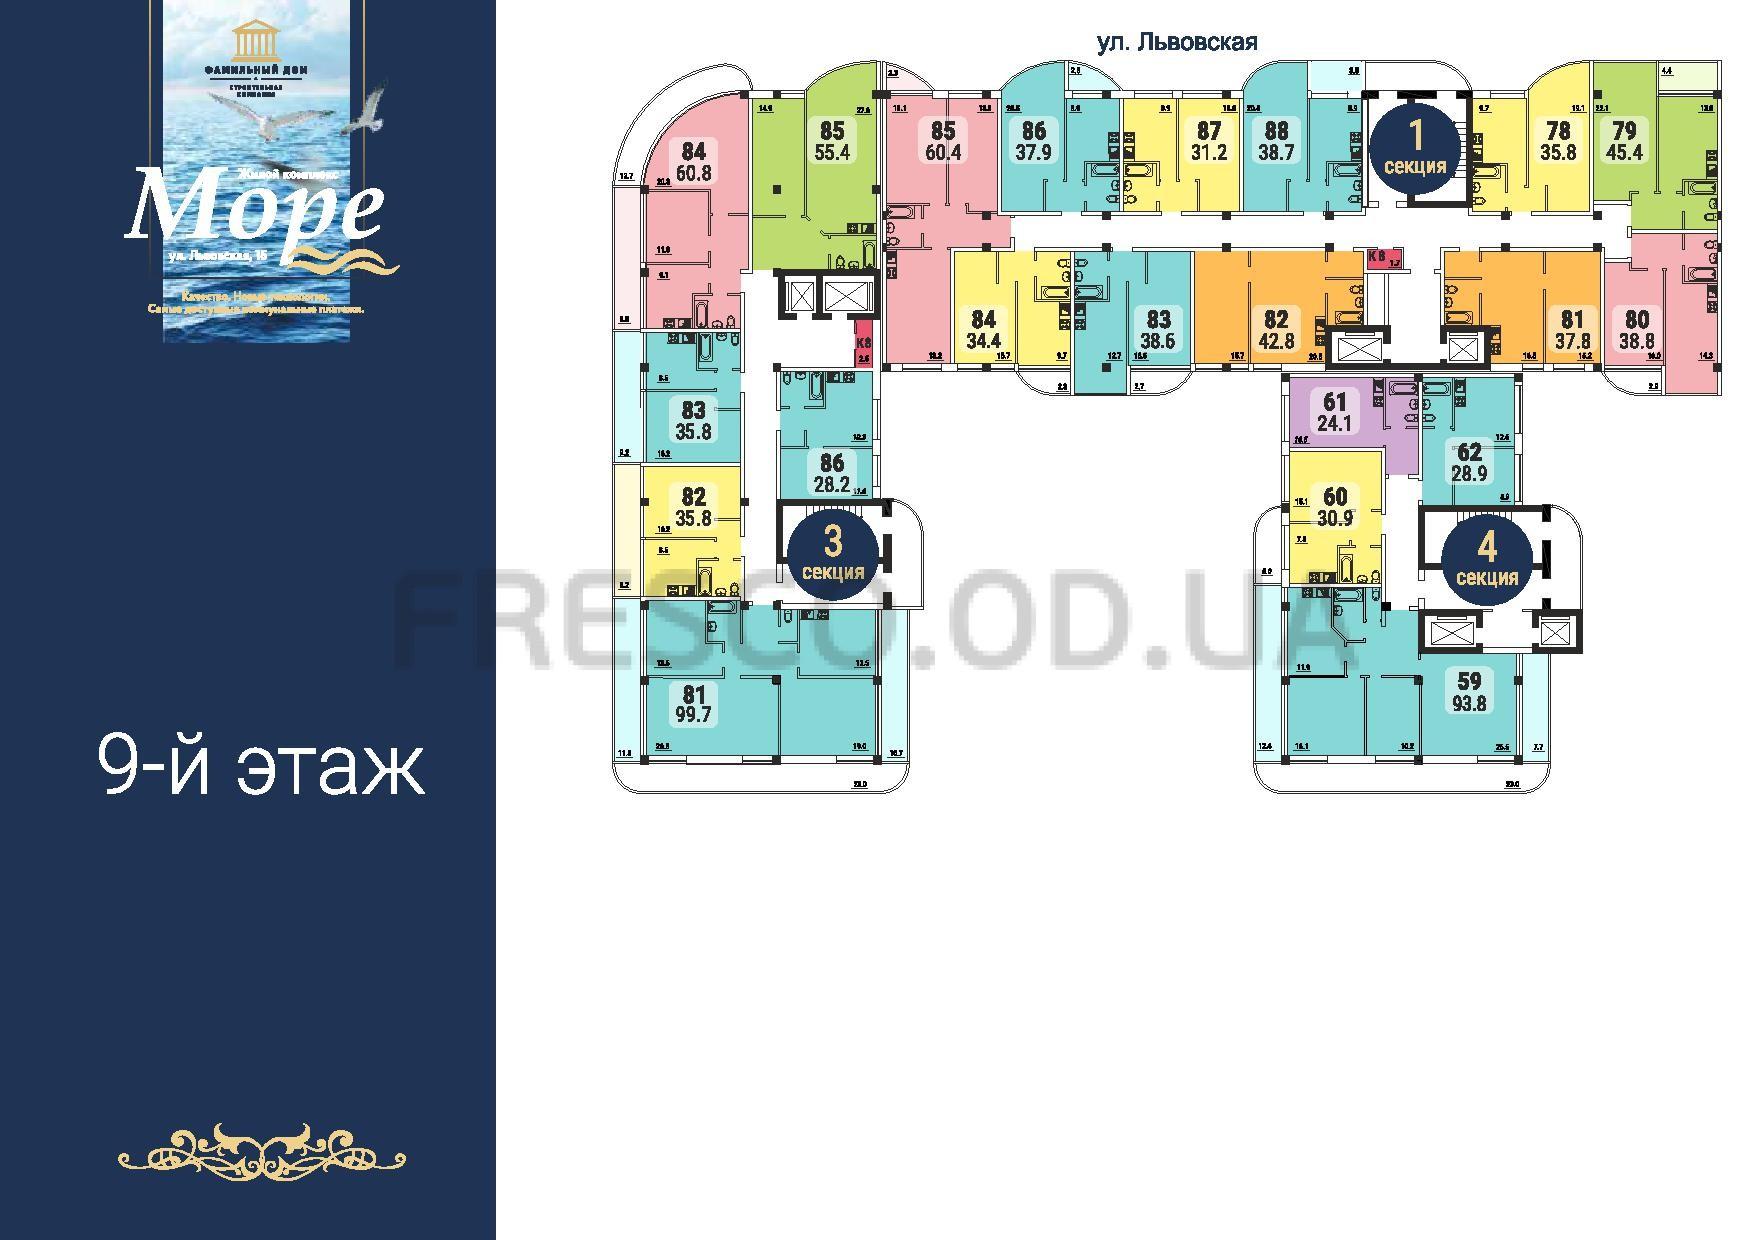 ЖК Море секции 1,3,4 план 9 этажа